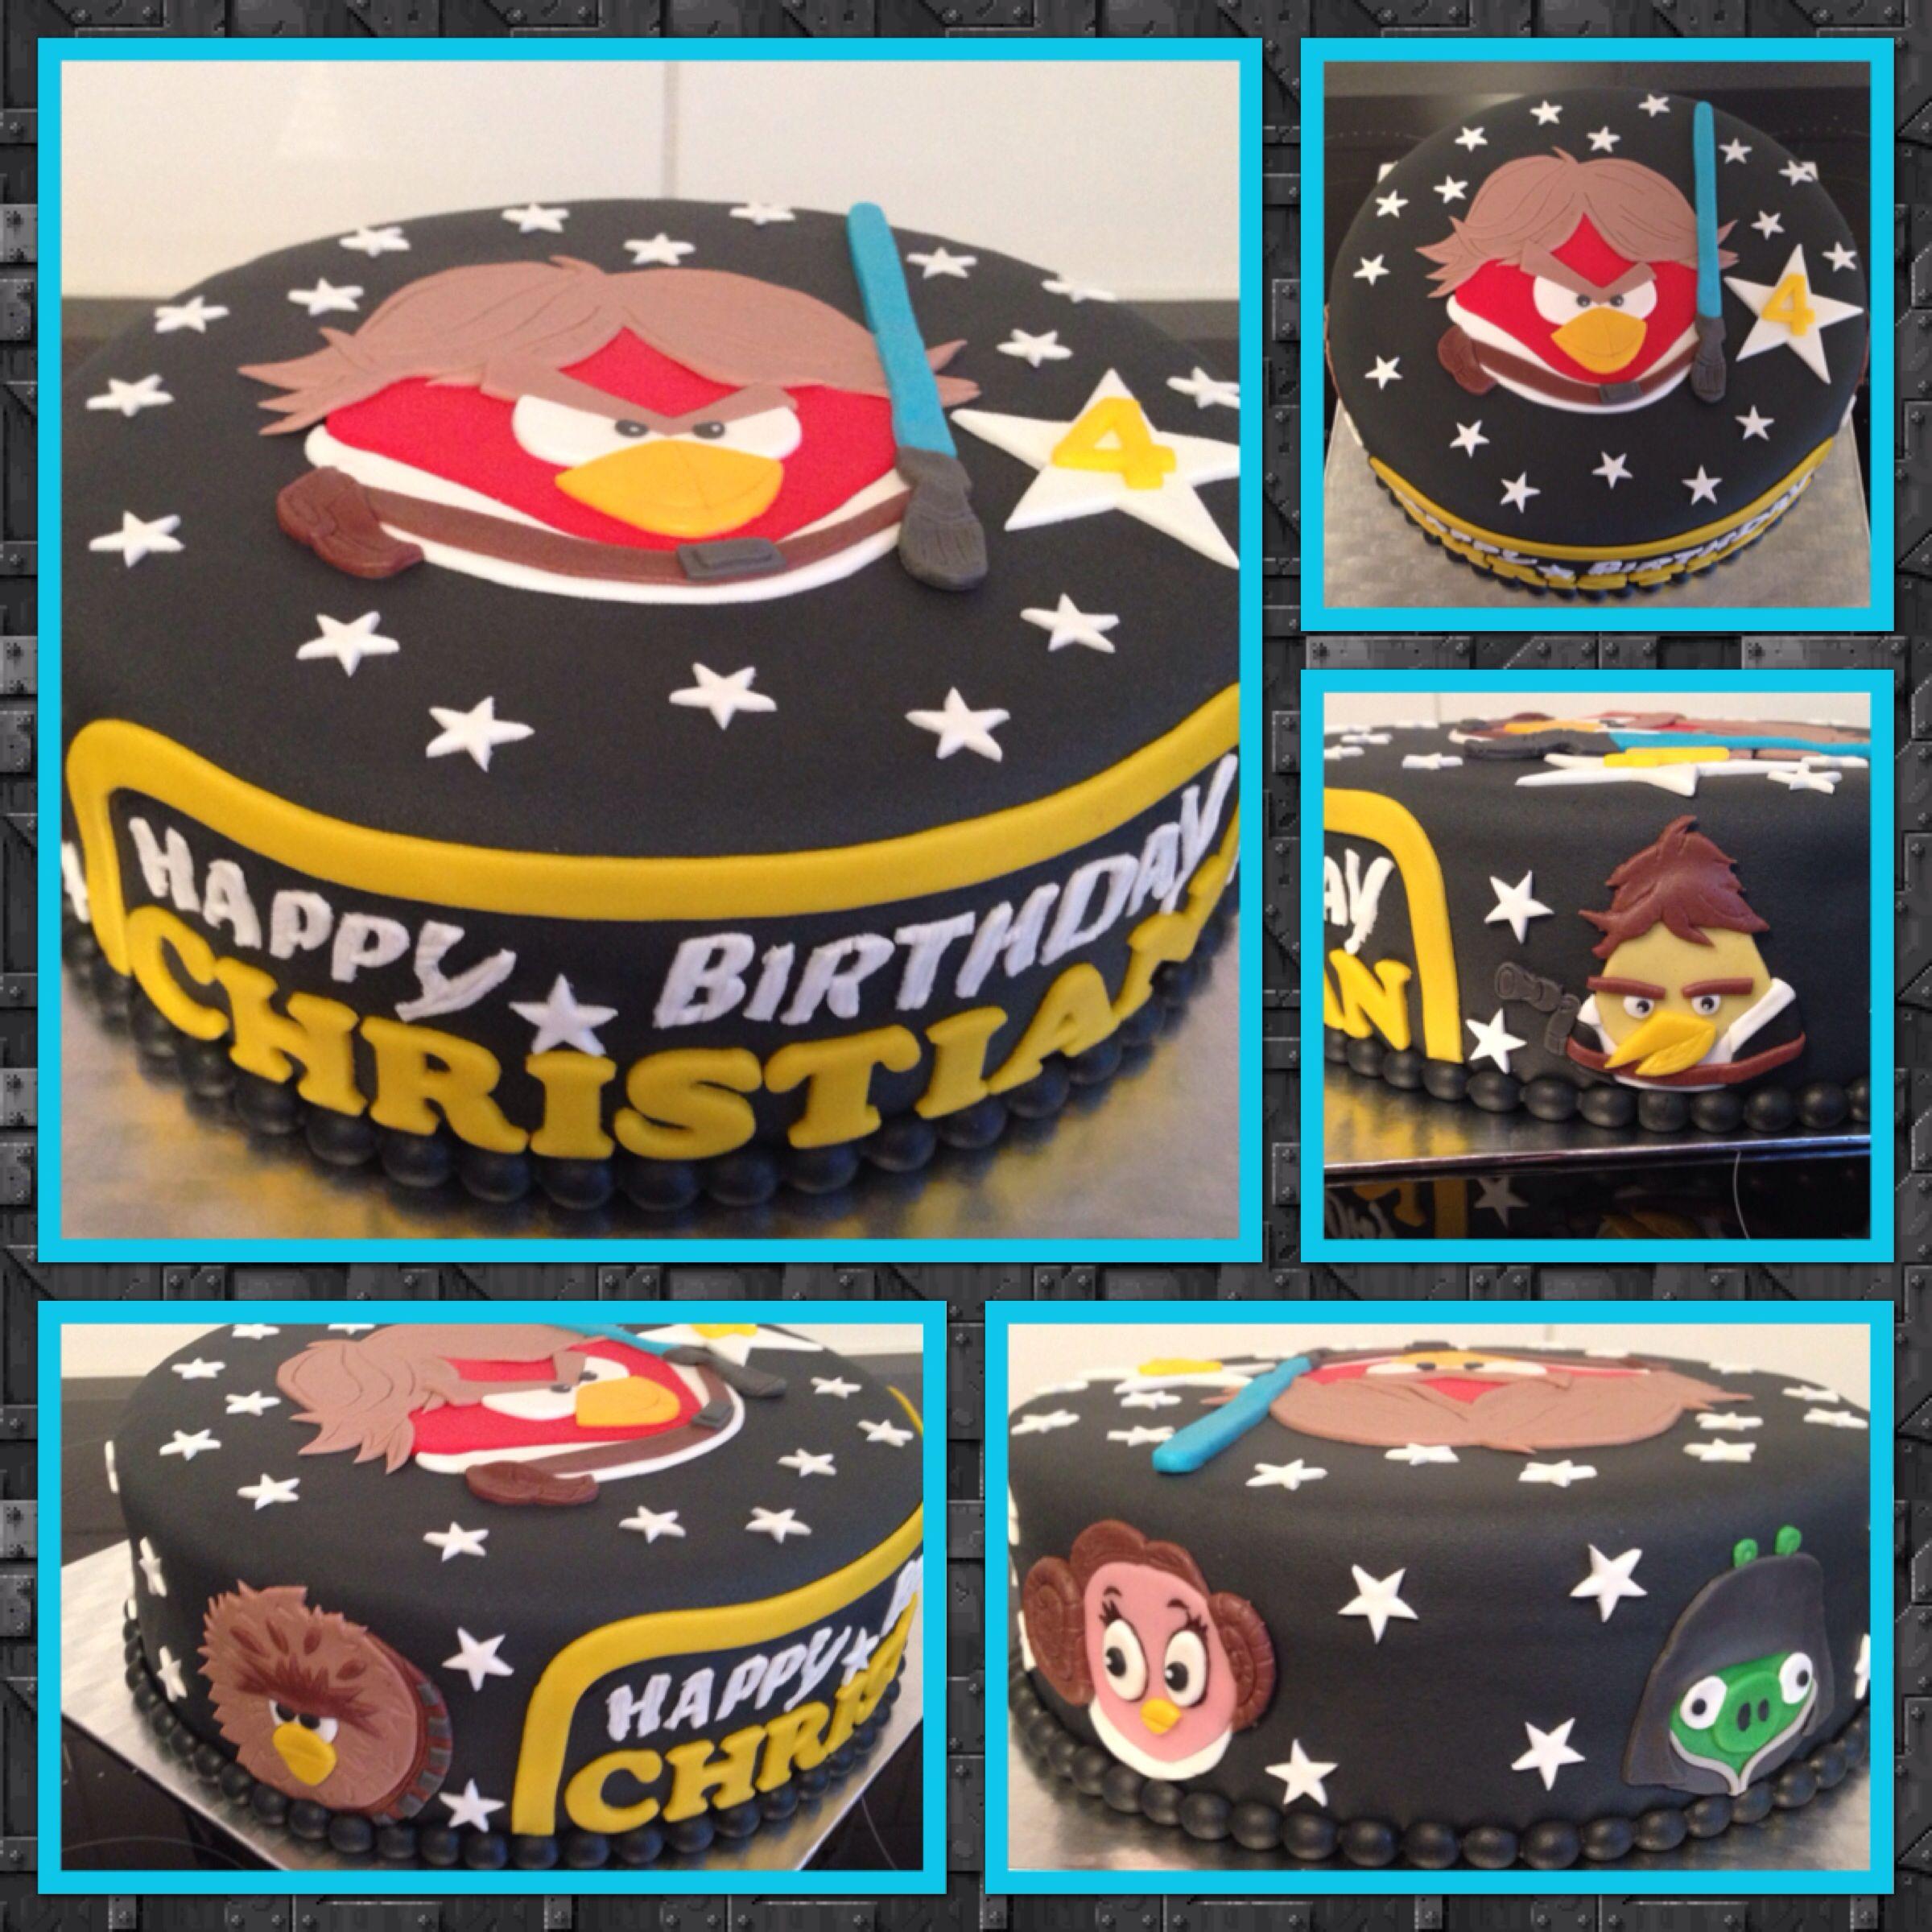 Angry Birds Starwars Cake Cake